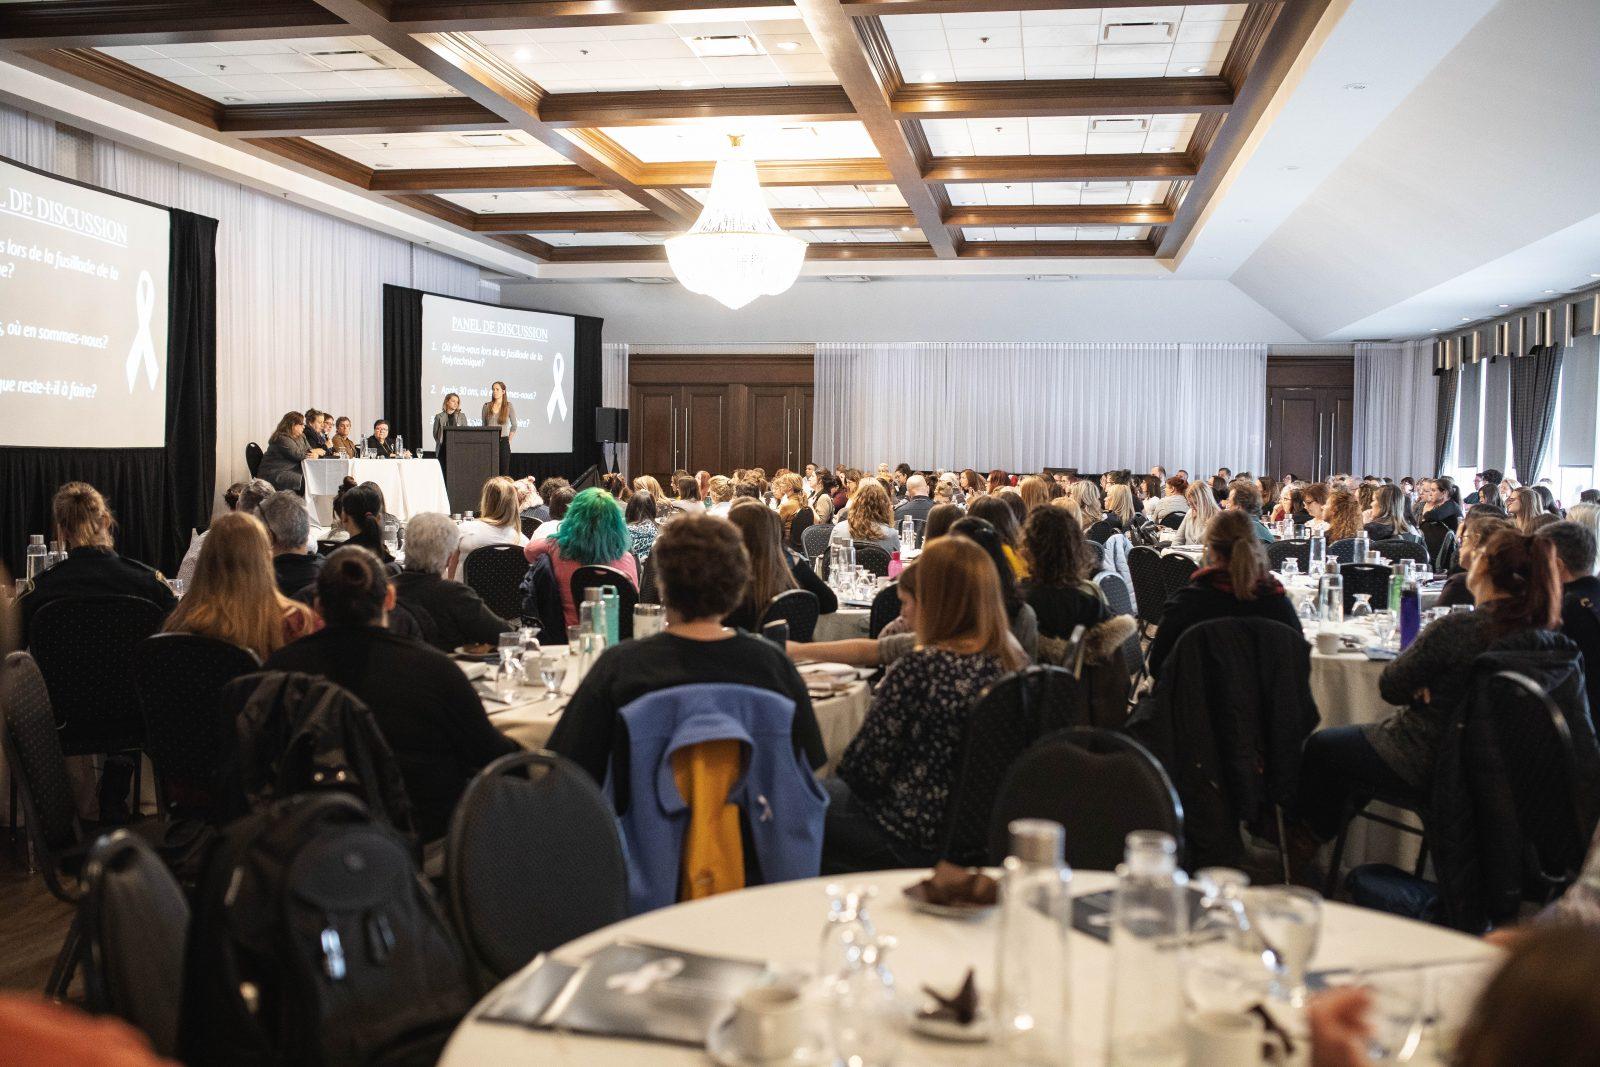 Plus de 200 personnes se réunissent en Montérégie pour venir en aide aux femmes victimes de violences